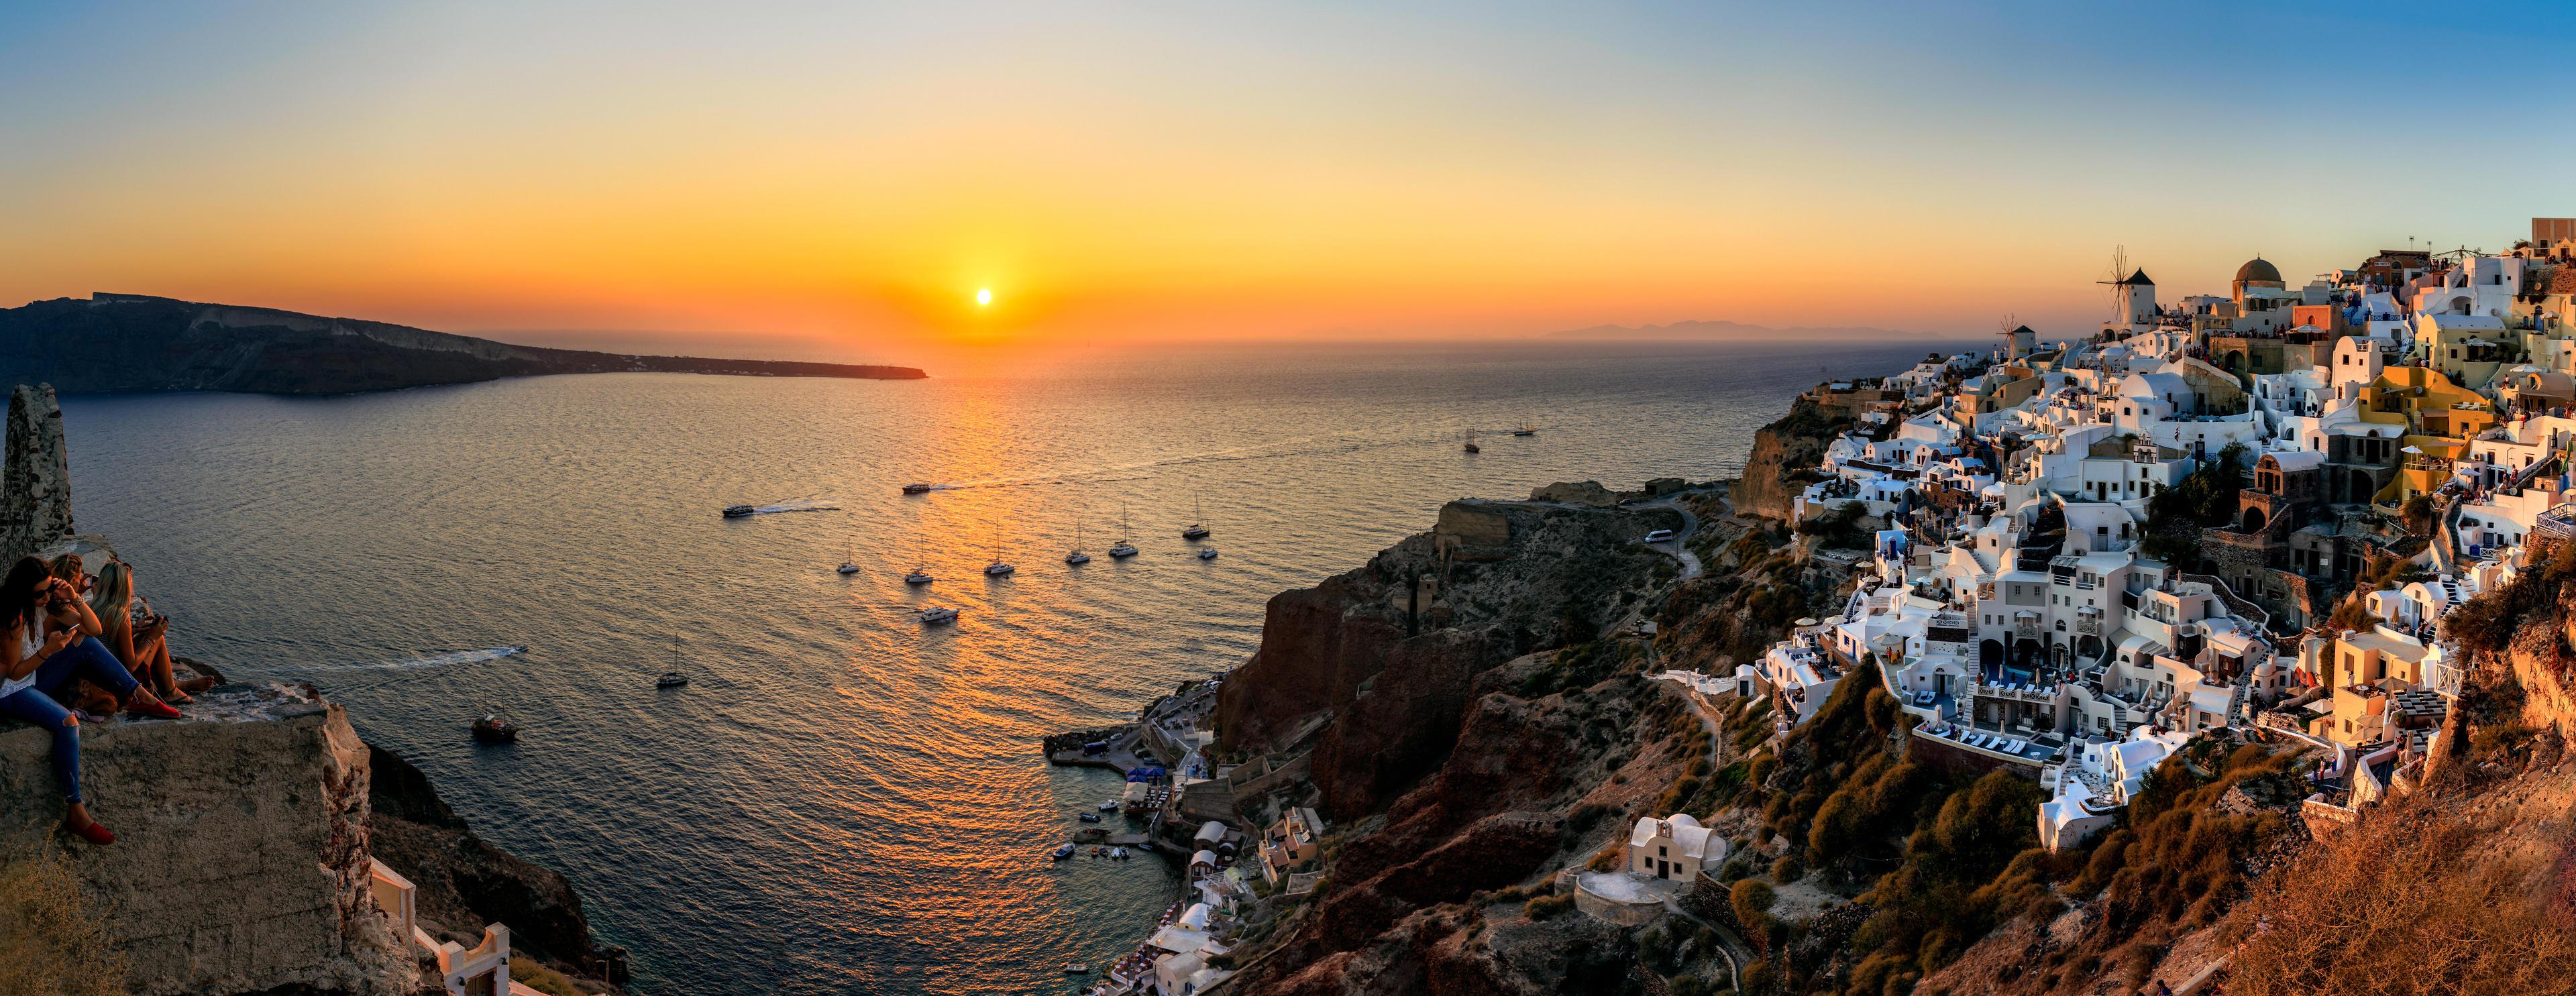 вид средиземного моря фото спарты островов некоторое время благодаря